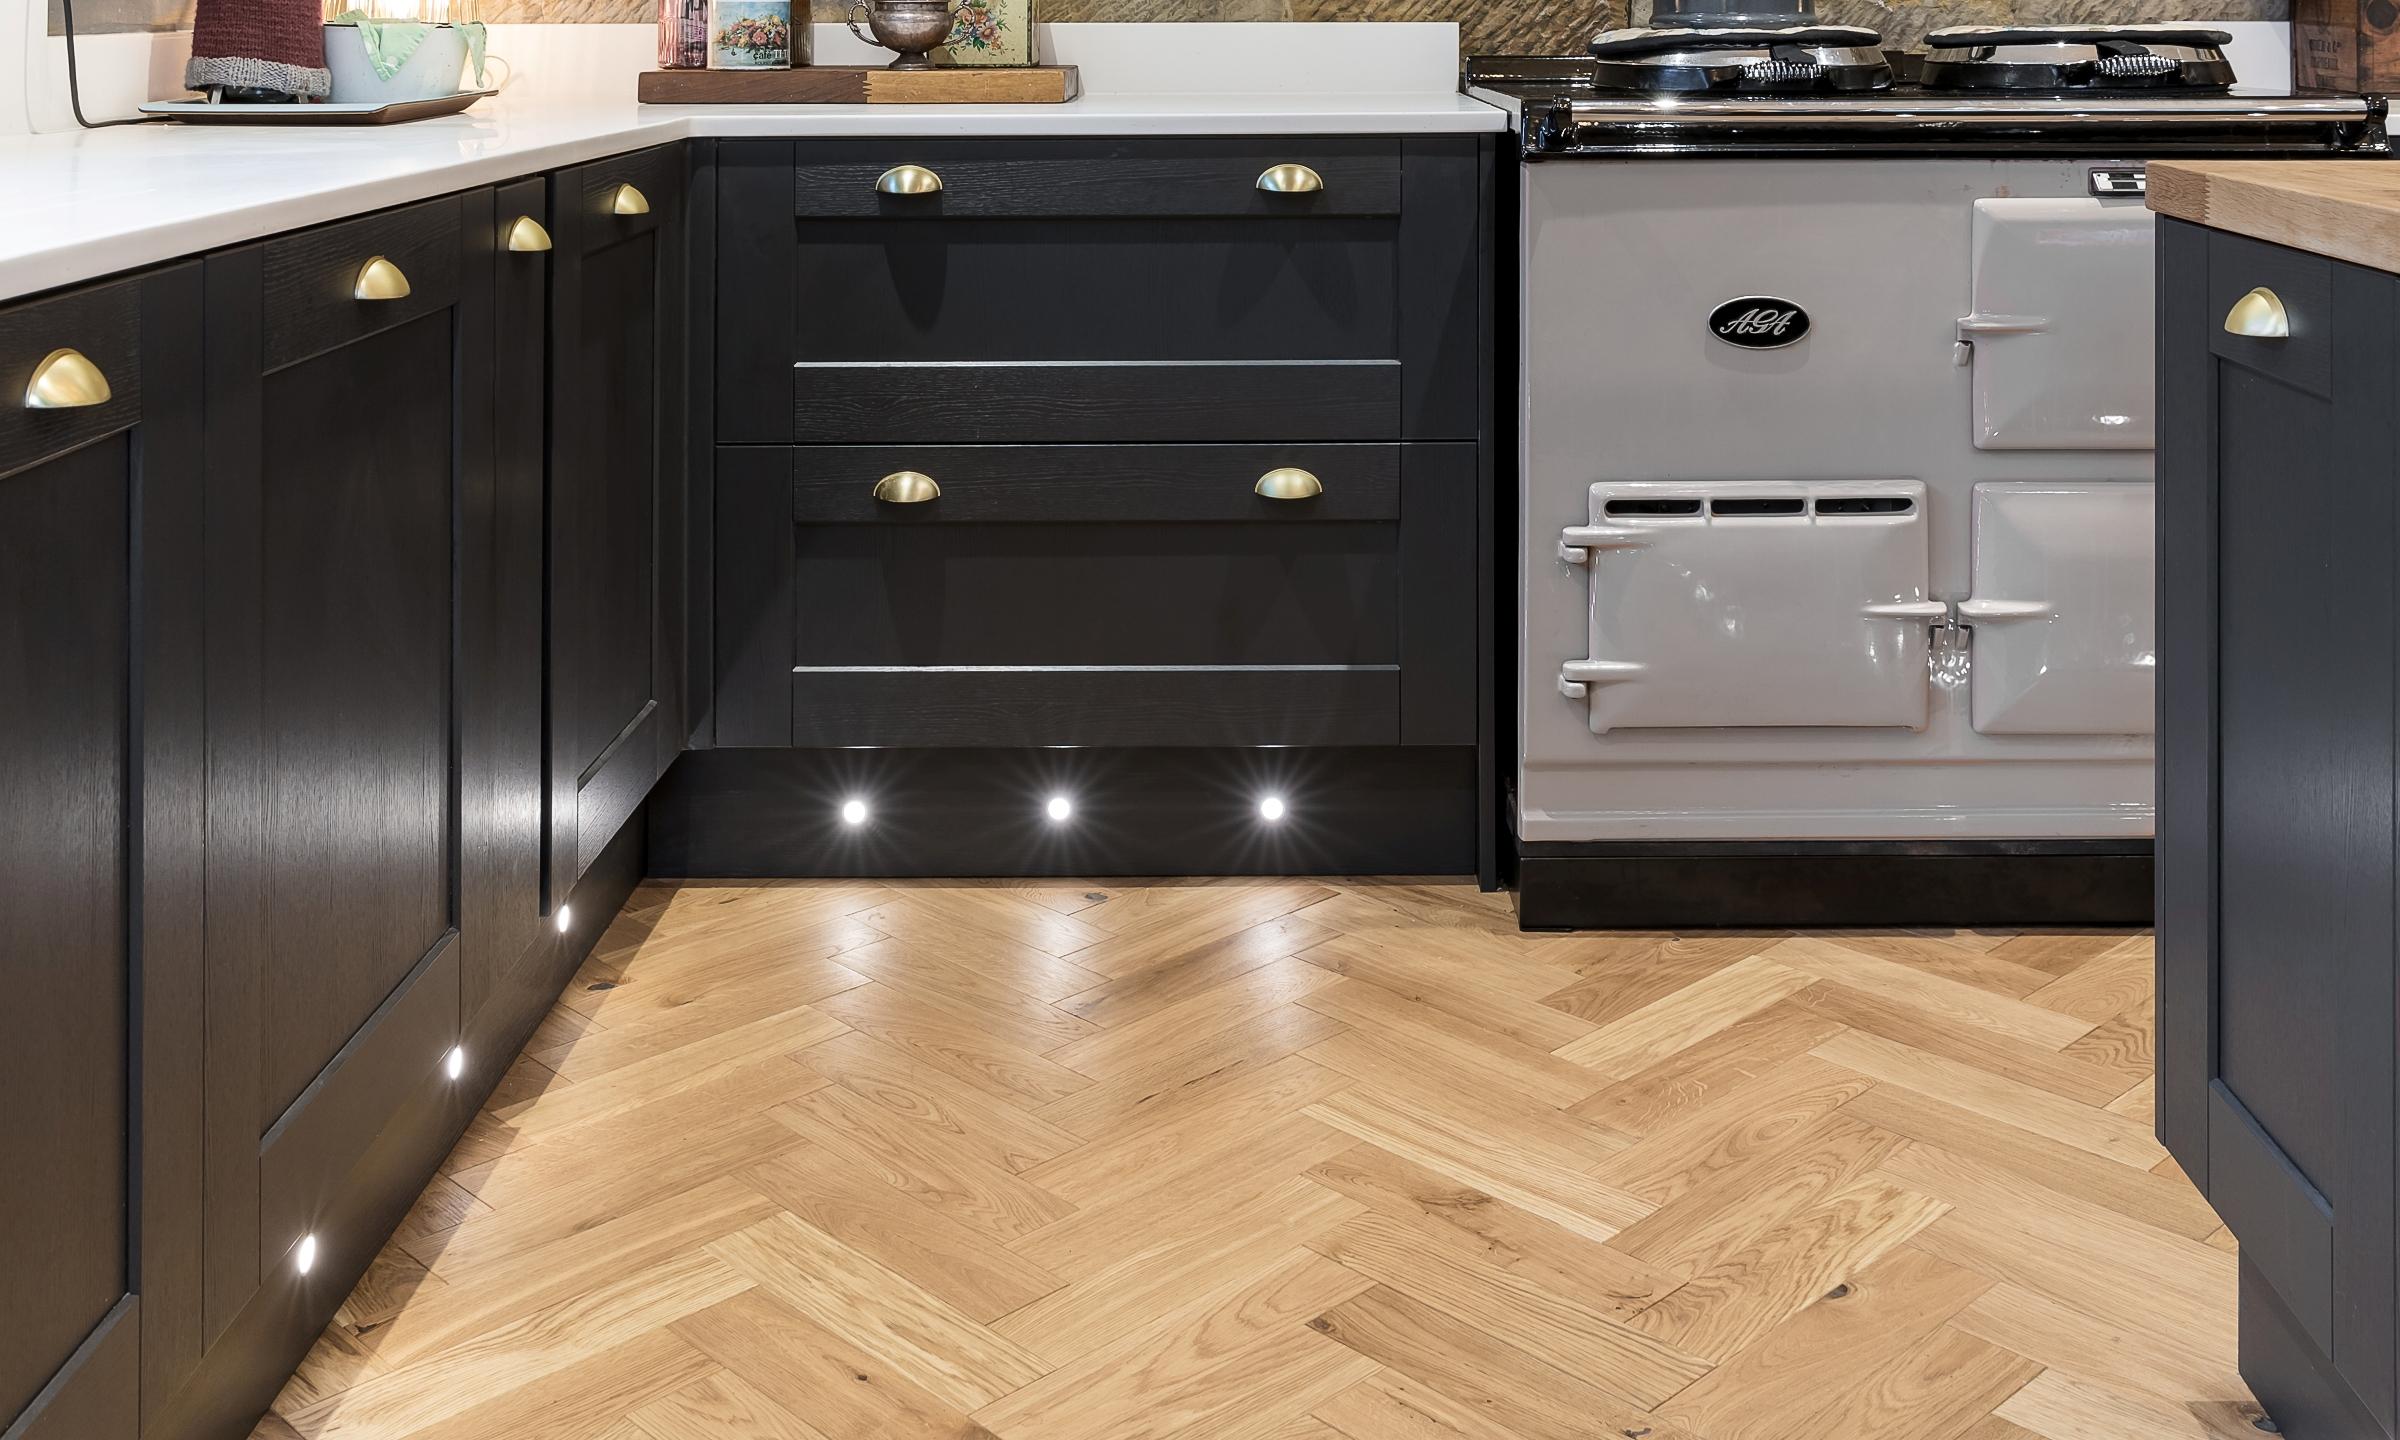 aga cooker and herringbone wood floors